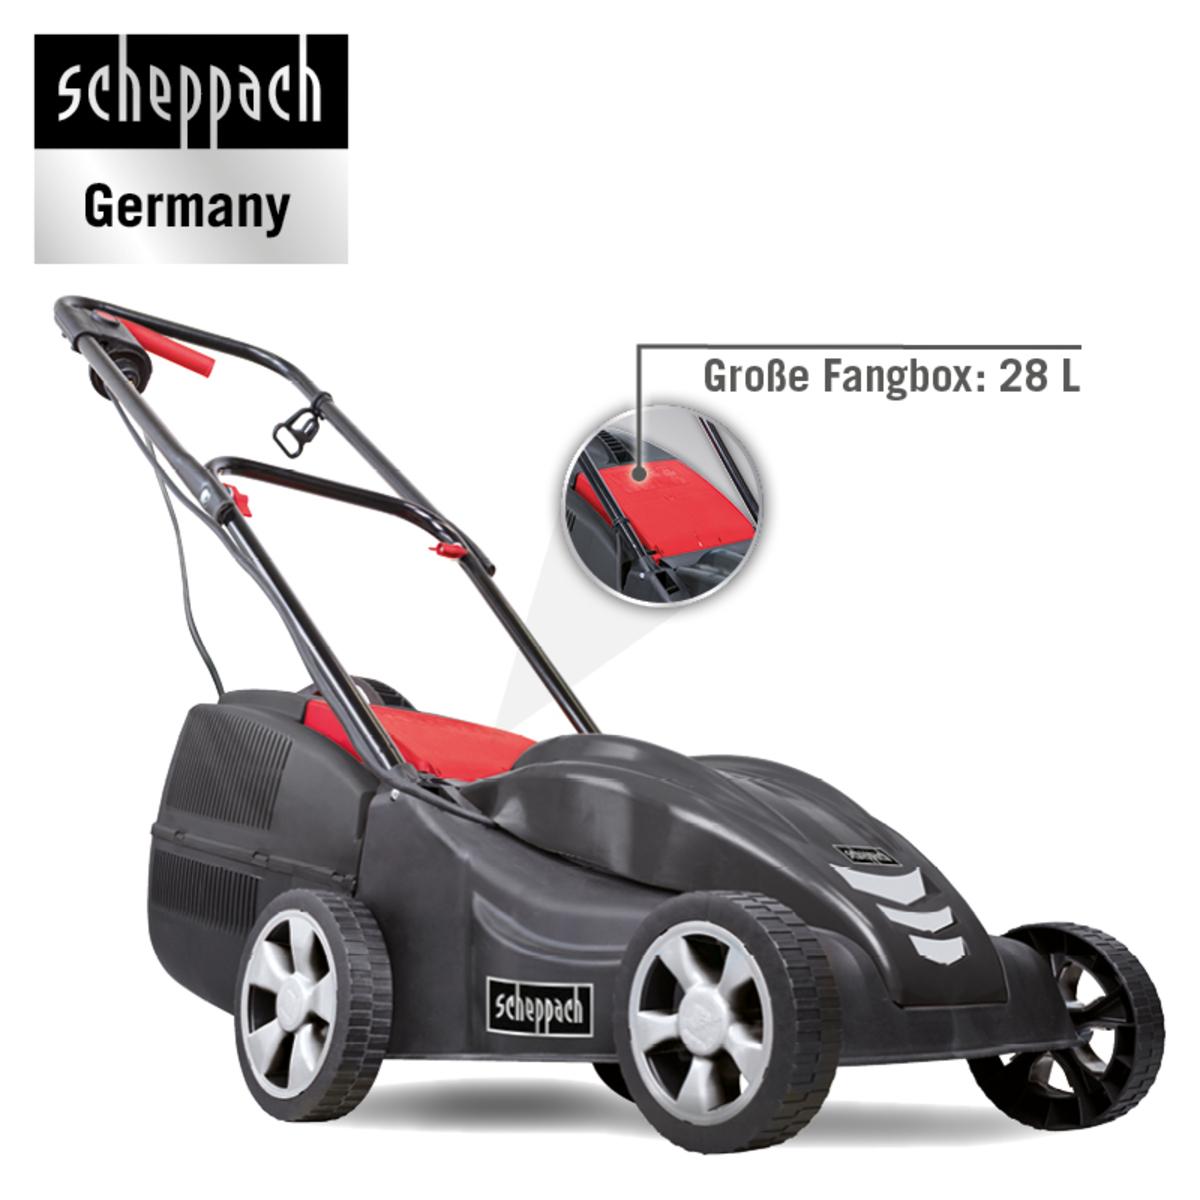 Bild 4 von Scheppach Elektro Rasenmäher EMP-33 1.00kW 230V/50Hz